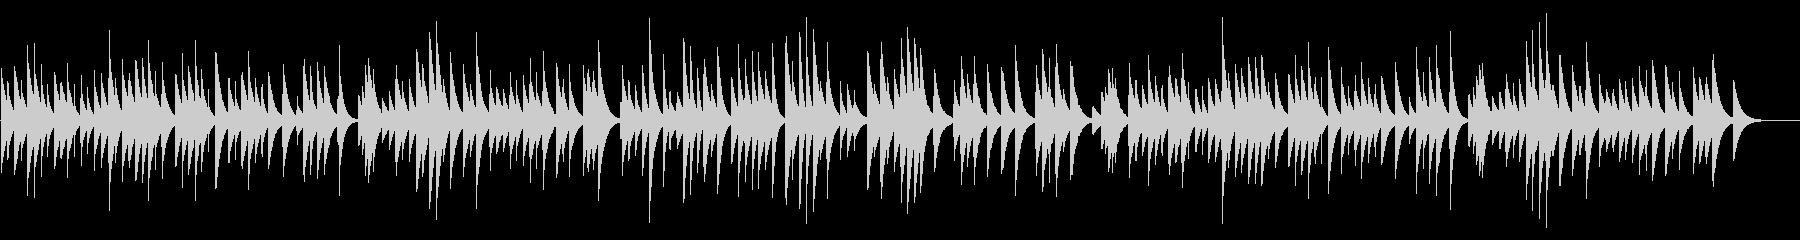 亡き王女のためのパヴァーヌ カード式オルの未再生の波形